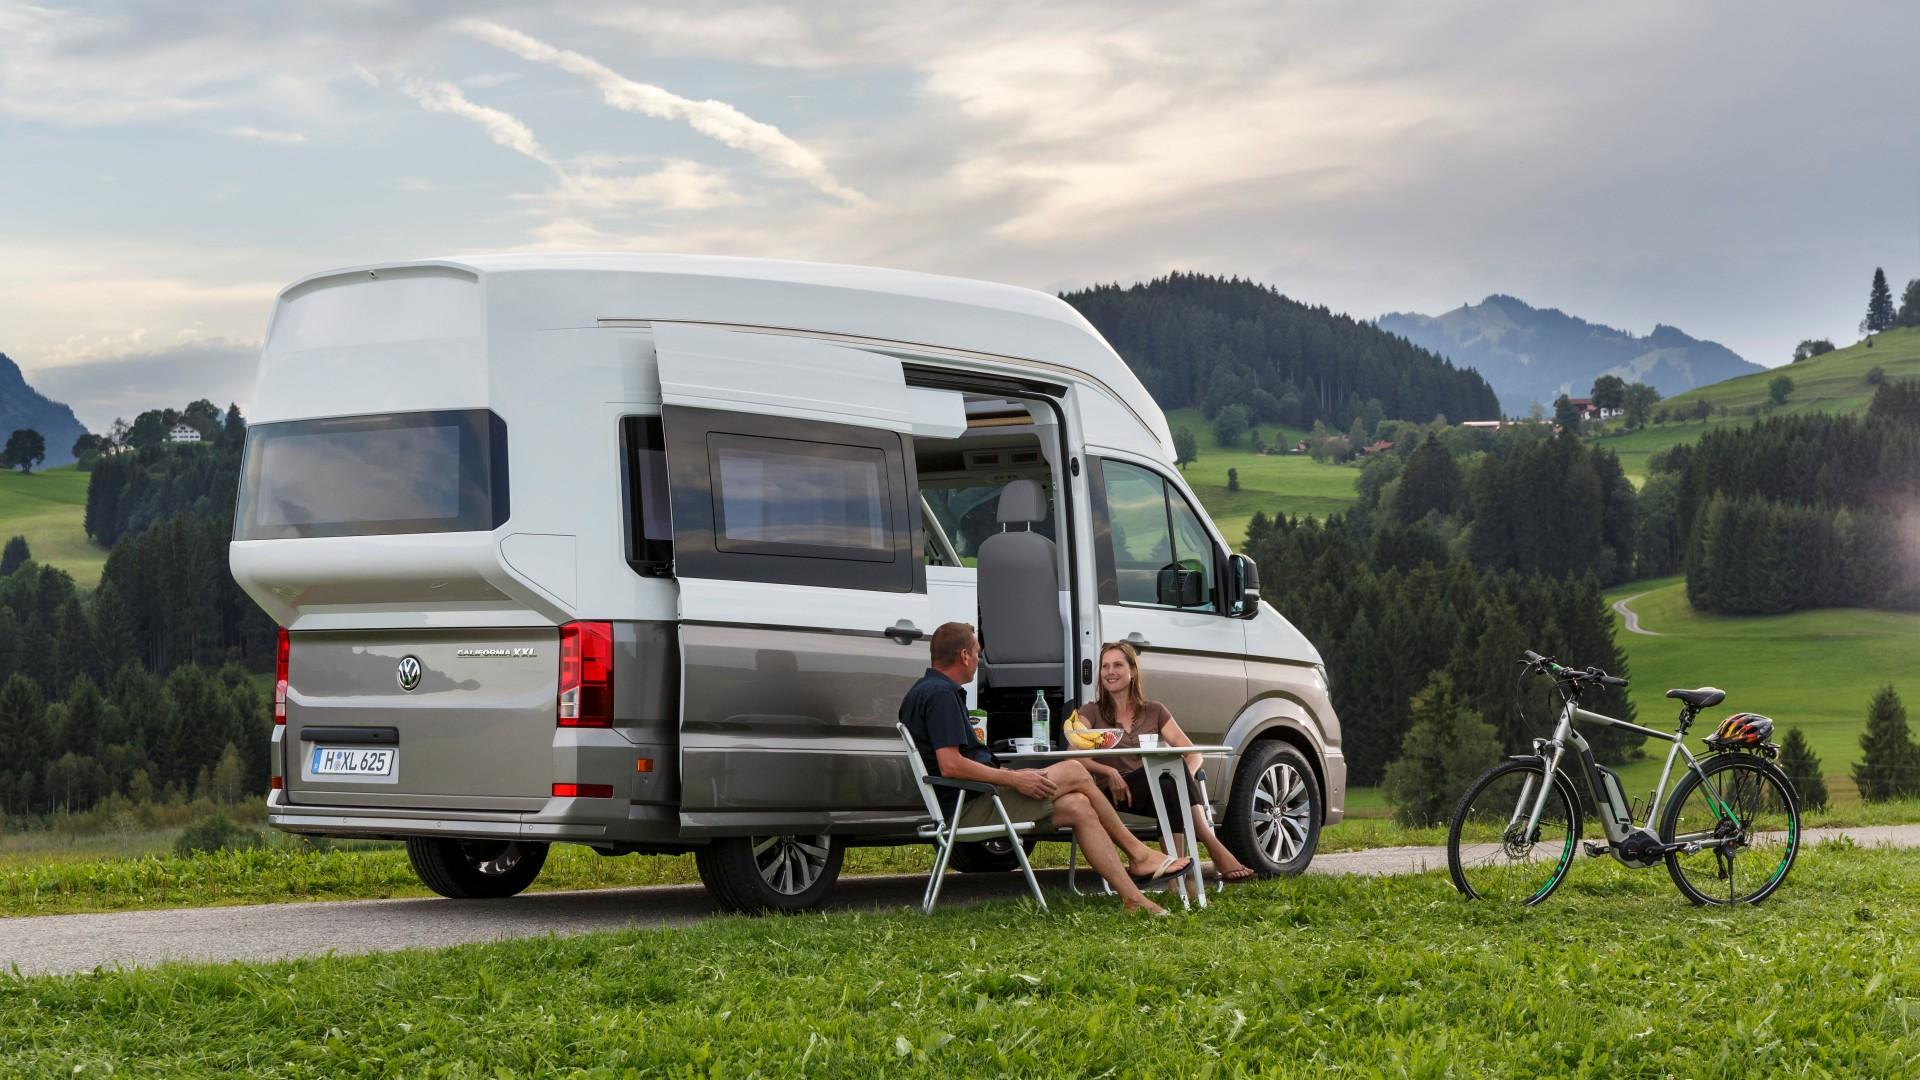 Vw Camper Uitschuifbaar.De Camper Van De Nabije Toekomst De Volkswagen California